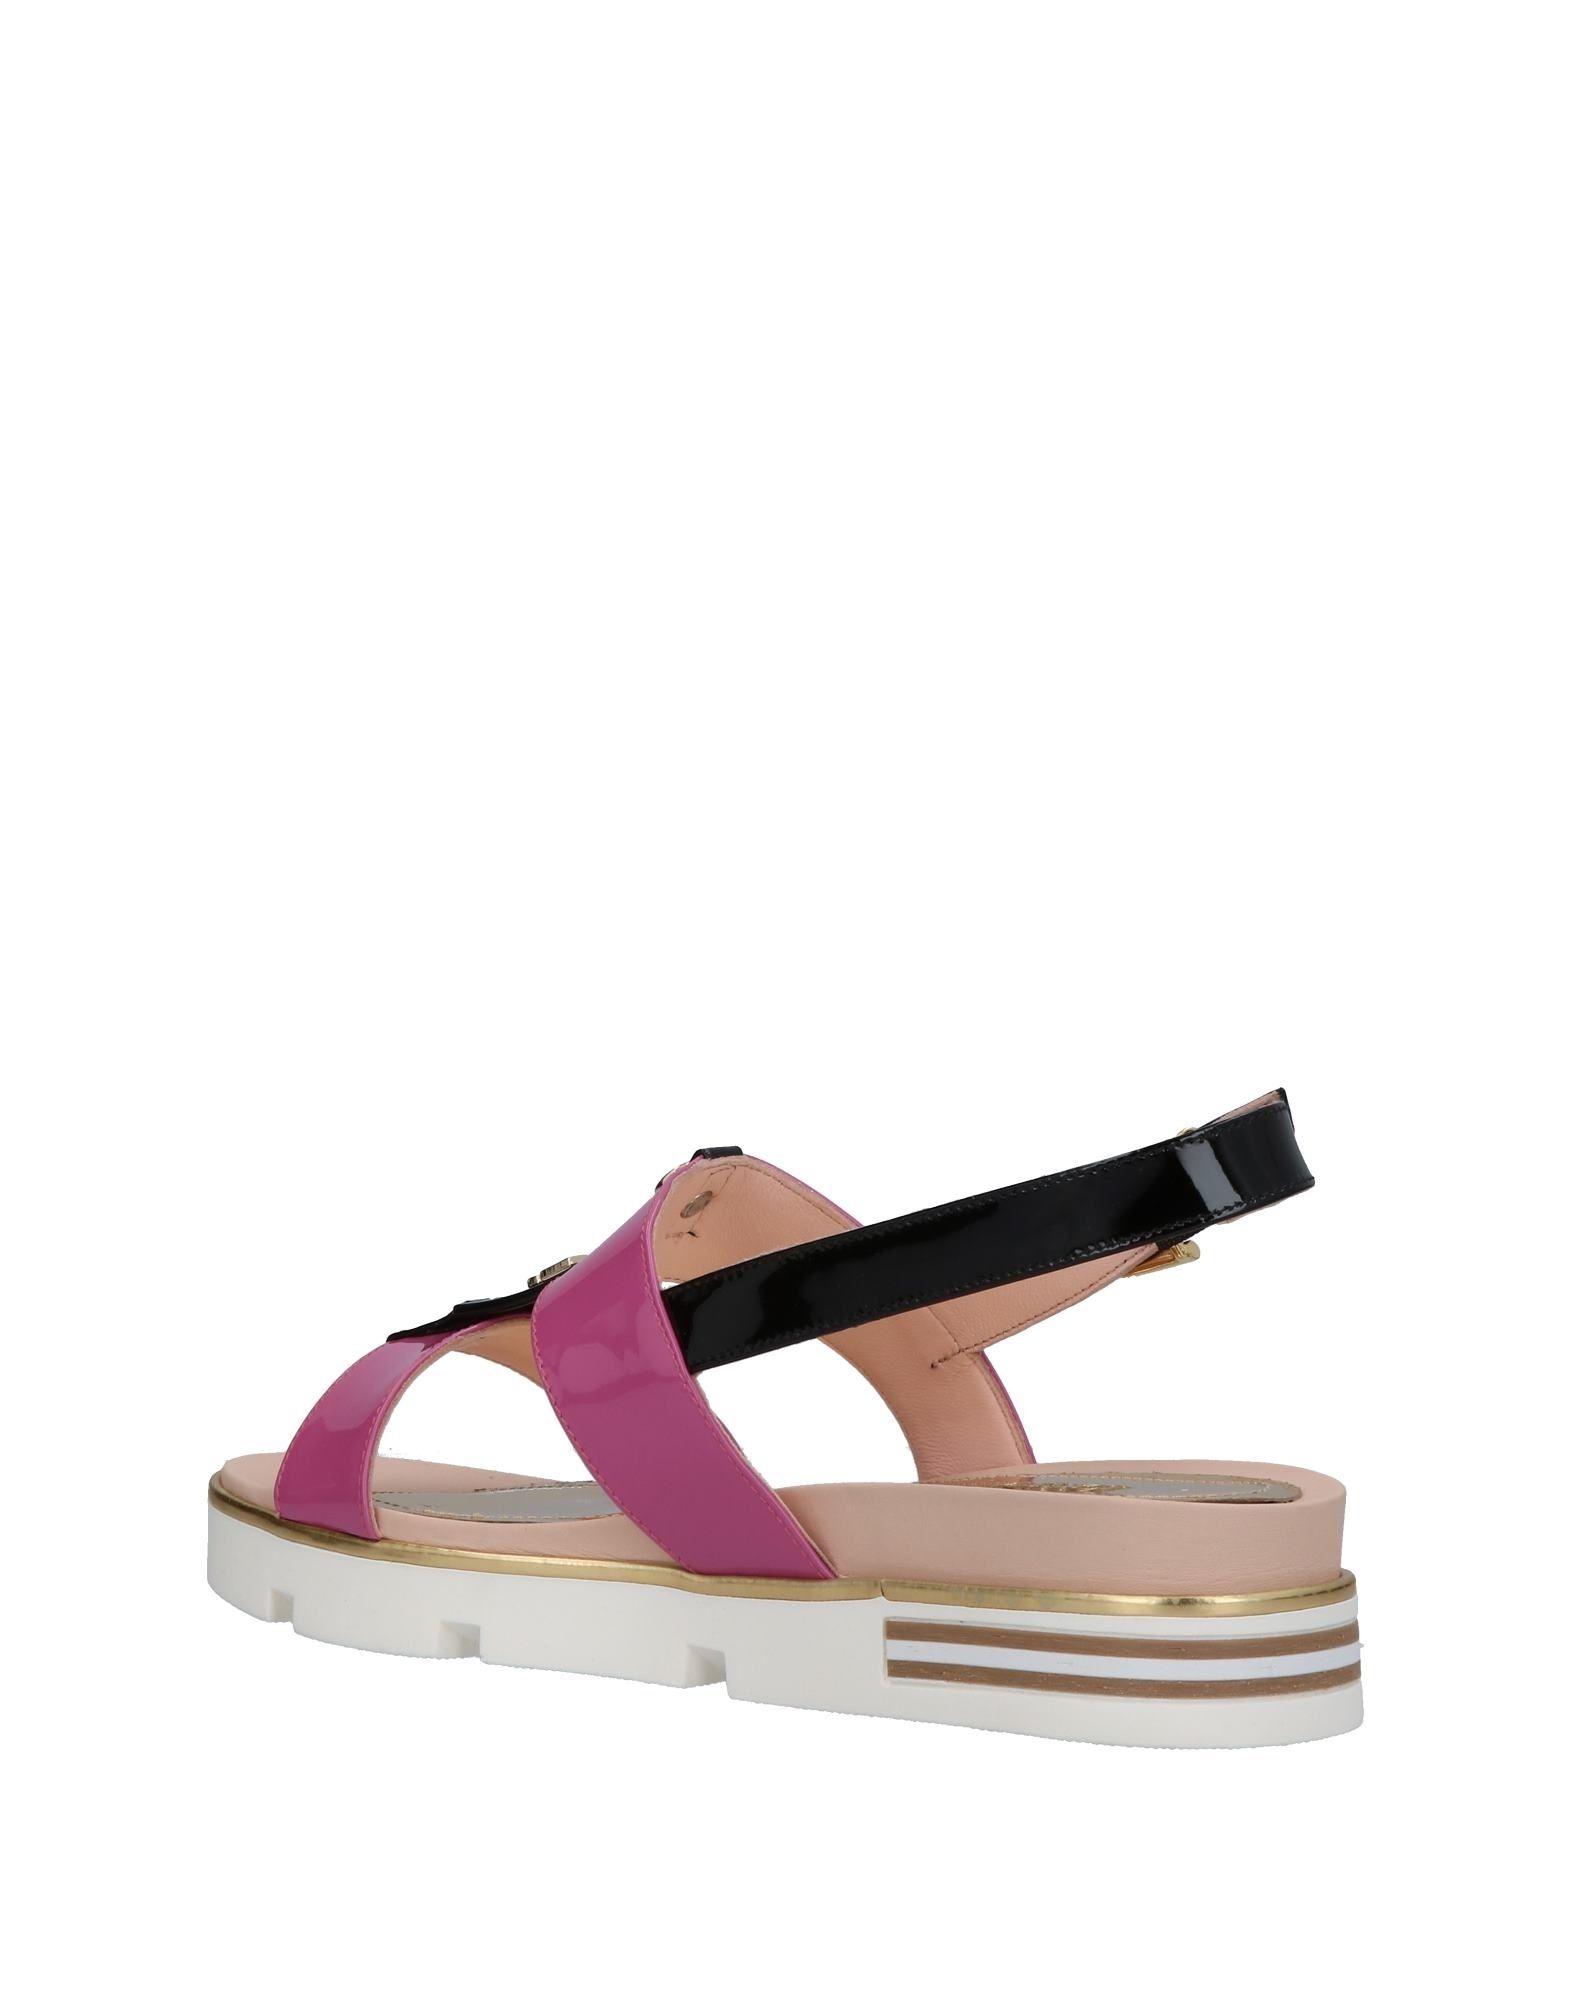 Loretta Pettinari Sandalen Damen  11385905VG Gute Gute Gute Qualität beliebte Schuhe cd0099